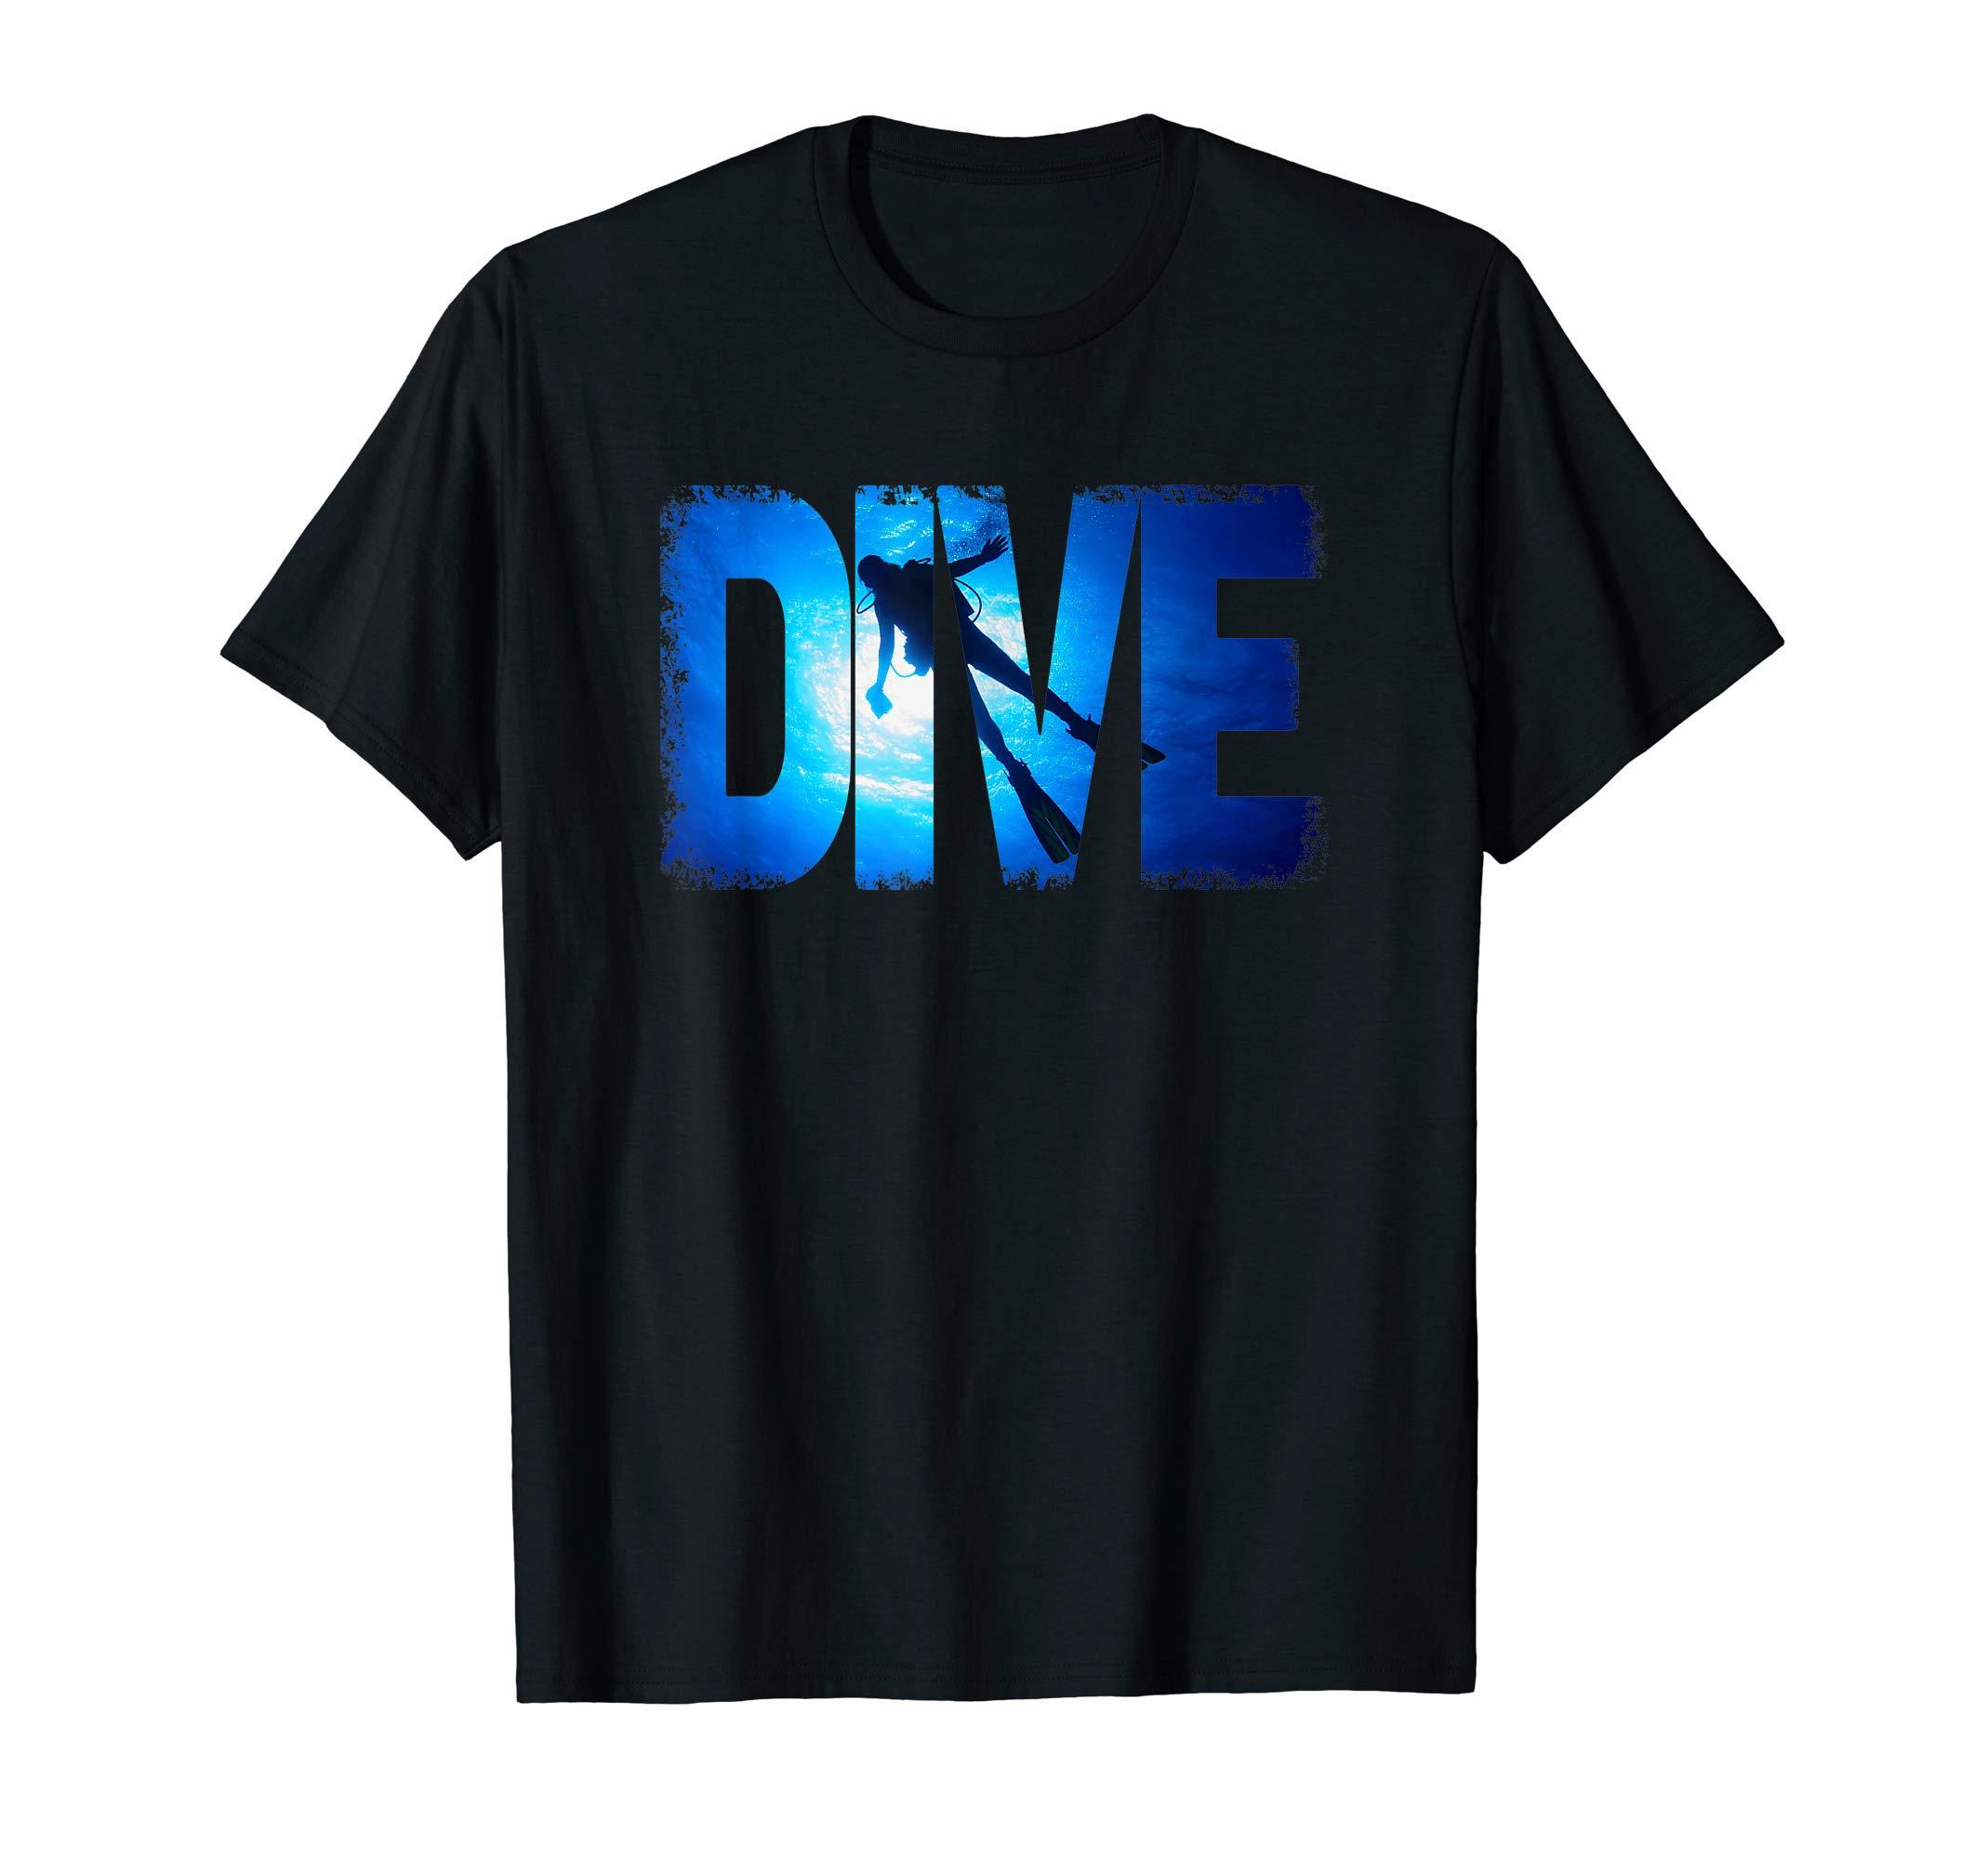 Scuba Diving Gear Shirt Scuba Diving Equipment t shirt by Scuba Diving Gear Deep Dive Tee